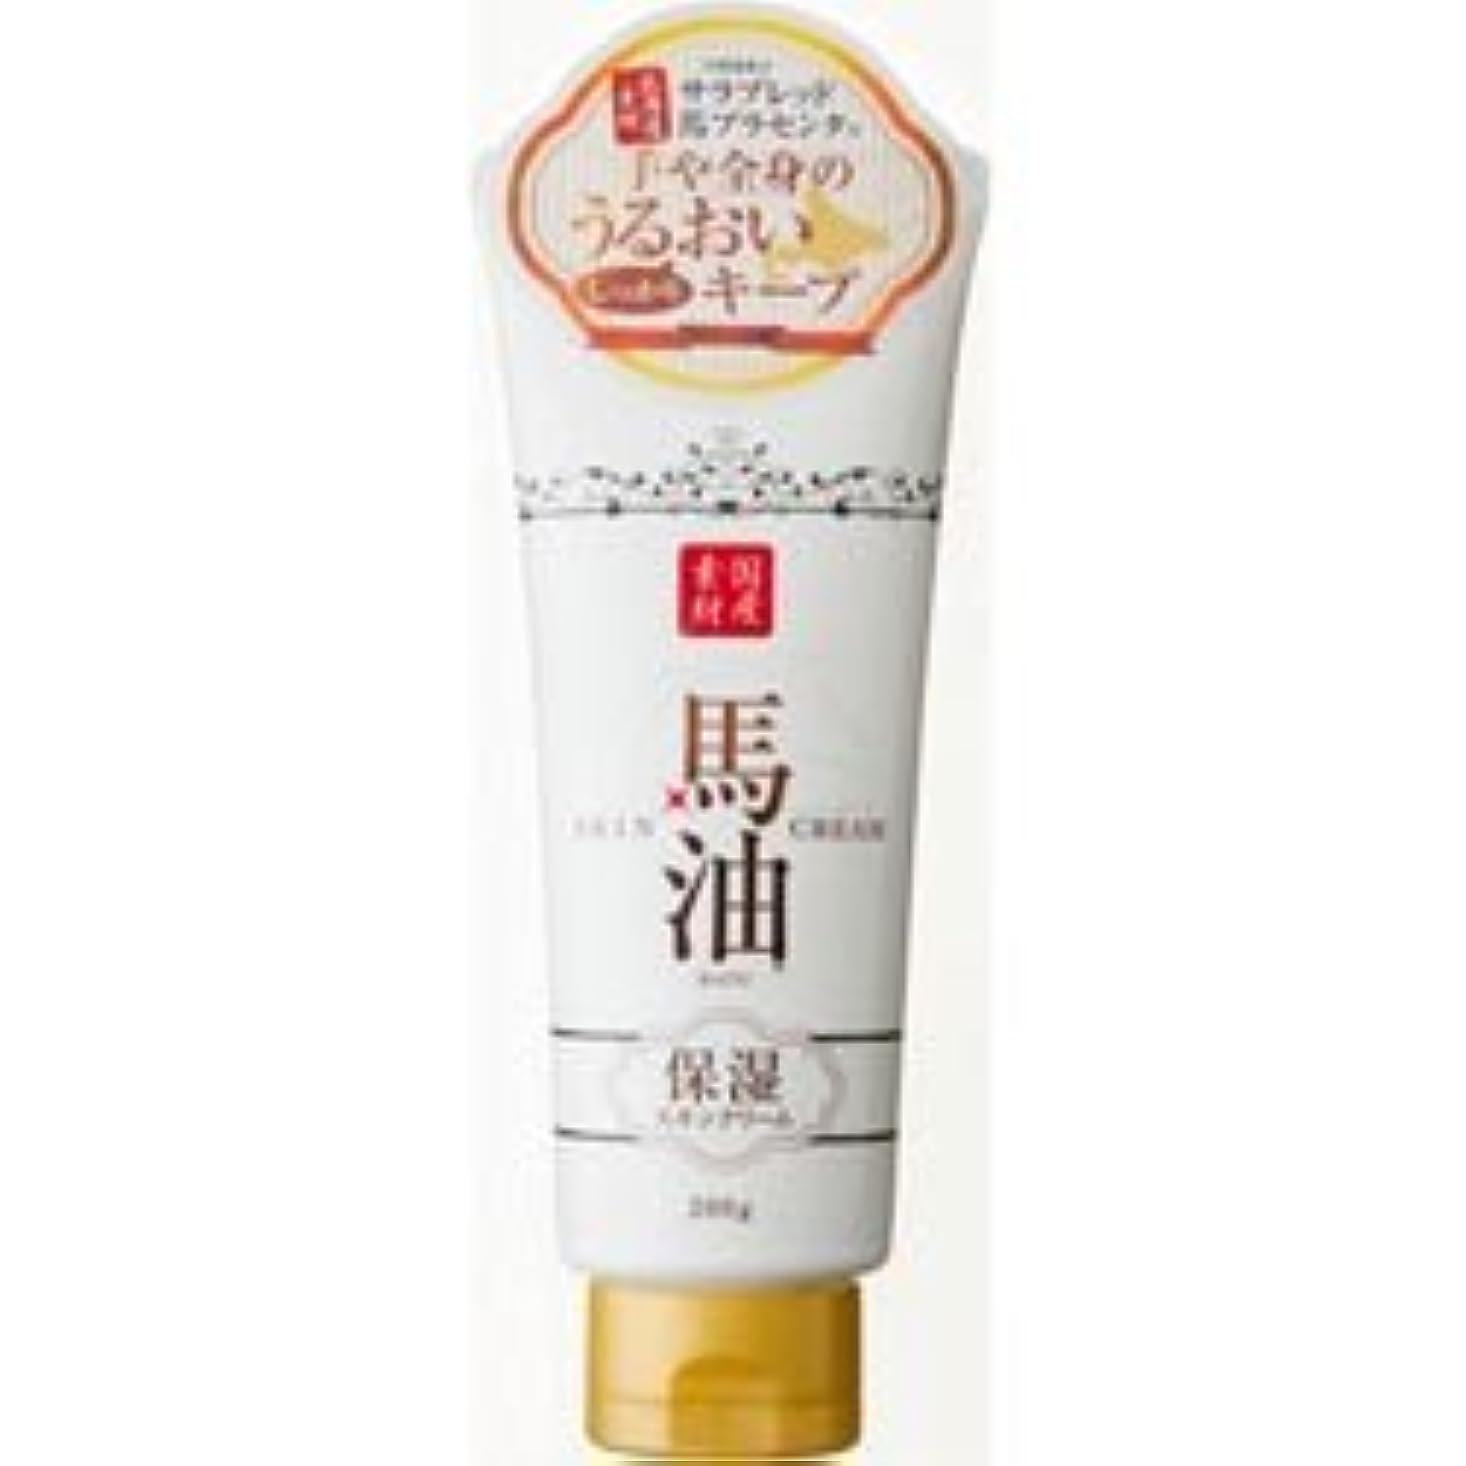 合理的むちゃくちゃ乳【アイスタイル】リシャン 馬油保湿スキンクリーム さくらの香り 200g ×10個セット